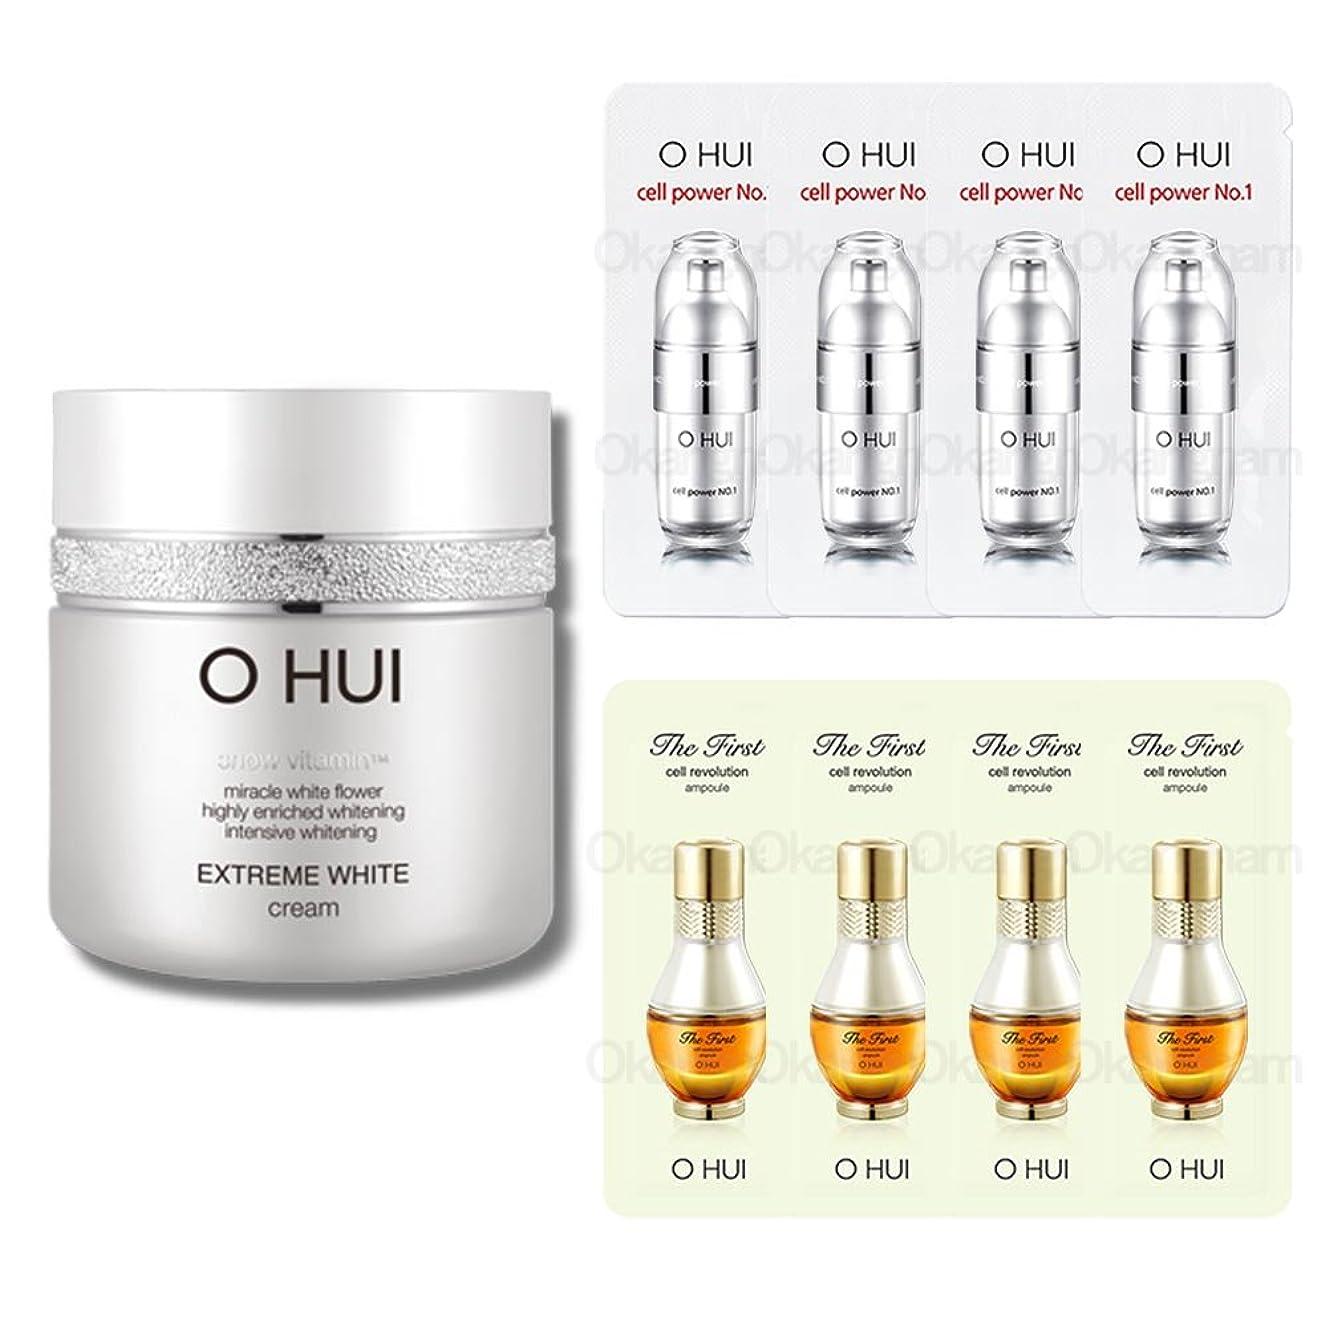 もろい縁石熱[オフィ/ O HUI]韓国化粧品 LG生活健康/ OHUI OEW04 EXTREME WHITE CREAM/オフィ エクストリーム ホワイトクリーム 50ml +[Sample Gift](海外直送品)